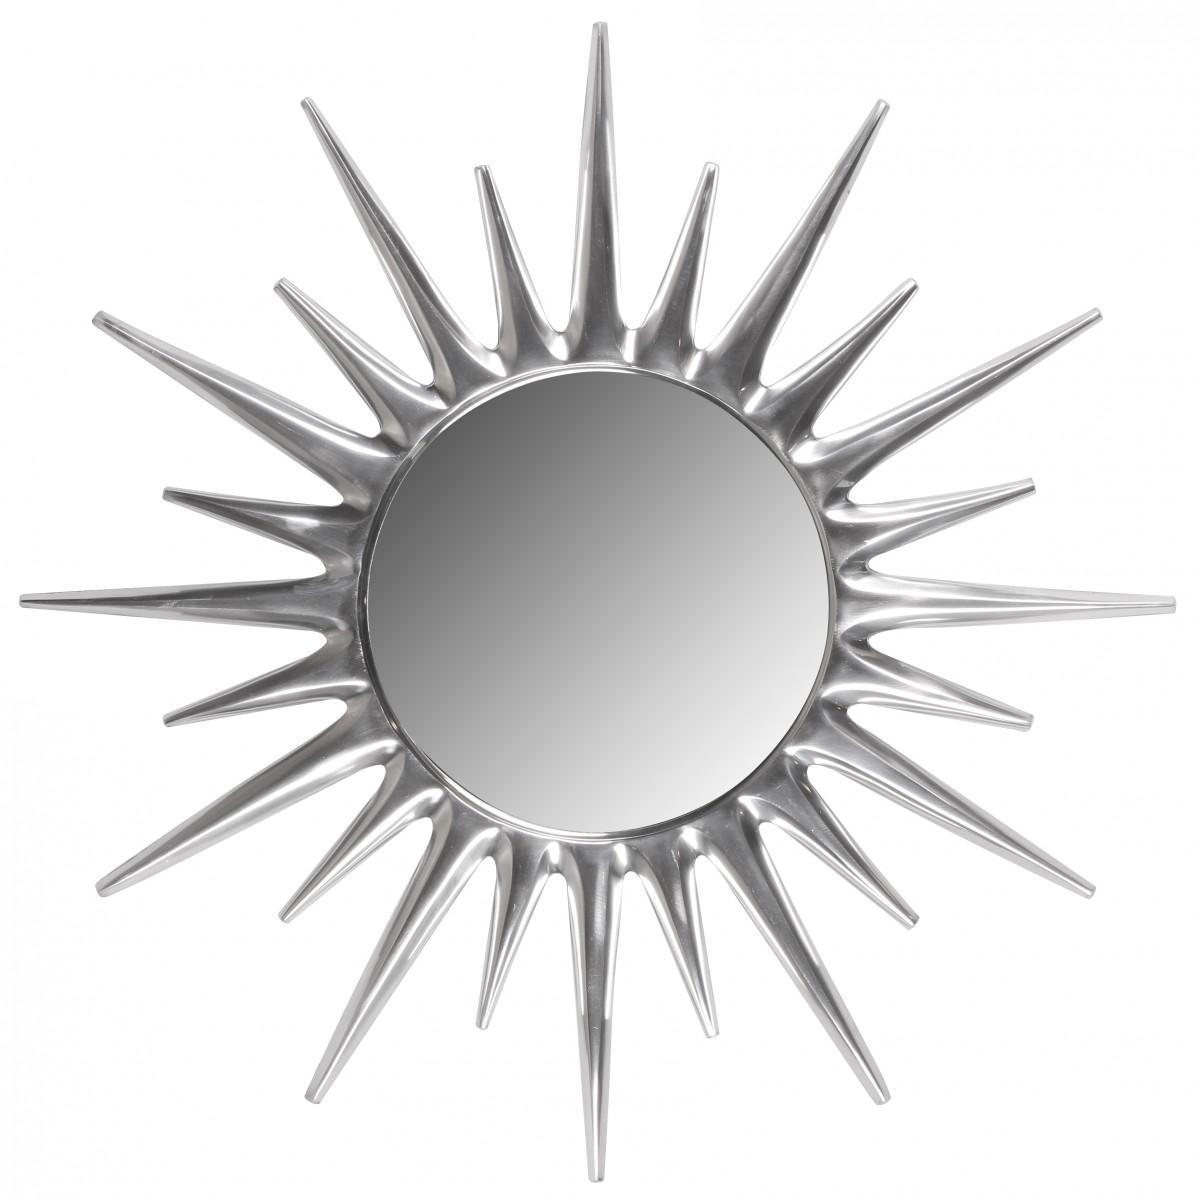 Nástěnné hliníkové zrcadlo Sunrise, 76 cm